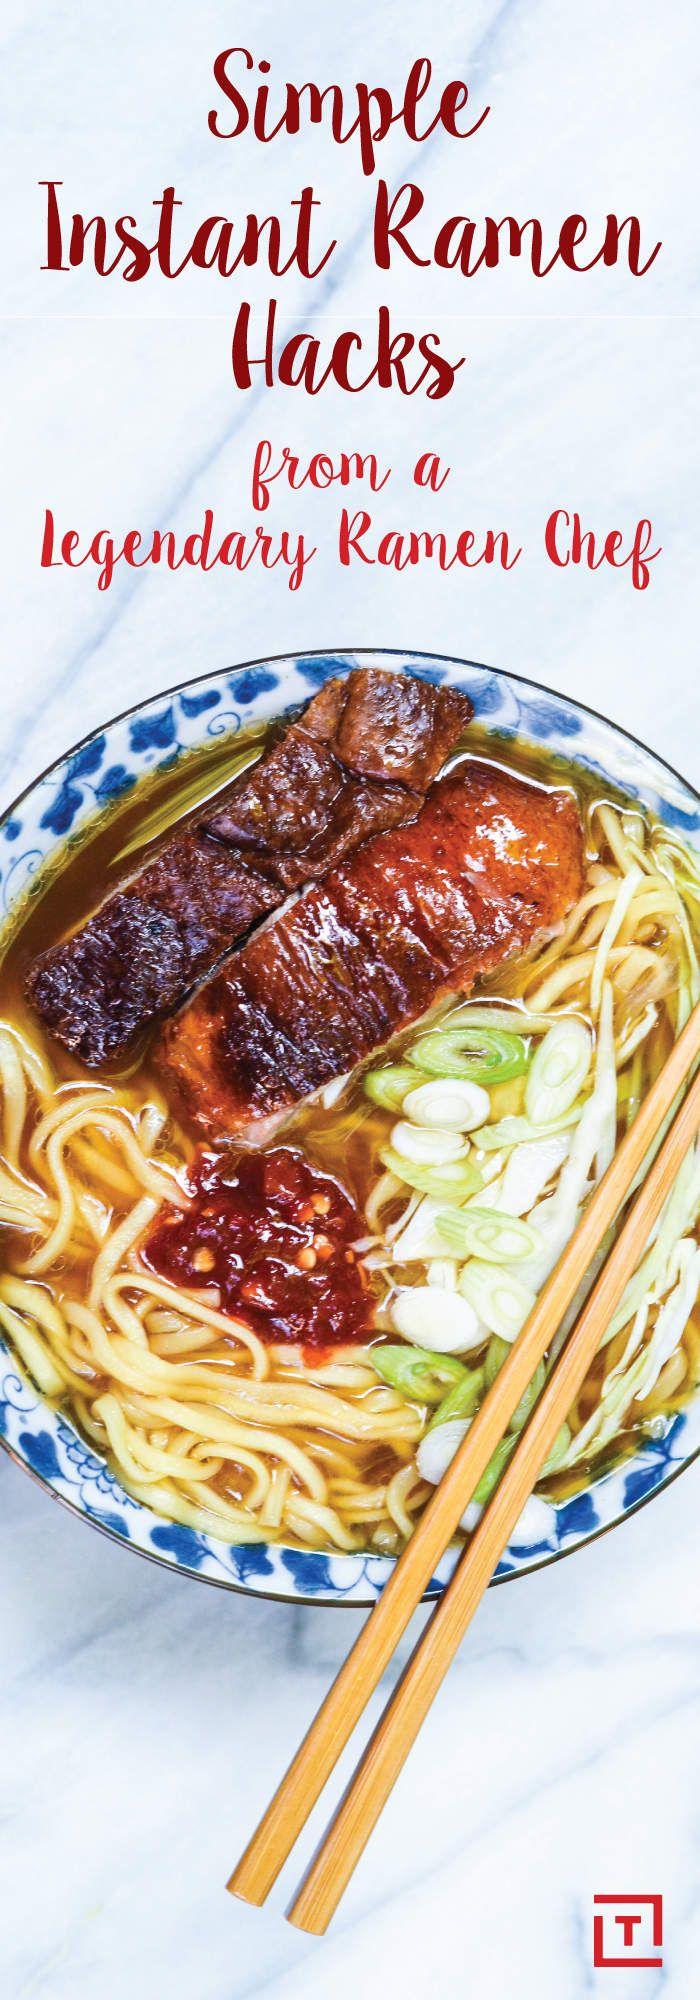 Best Instant Ramen Noodle Recipe Hacks & Tips From Ivan Orkin - Thrillist